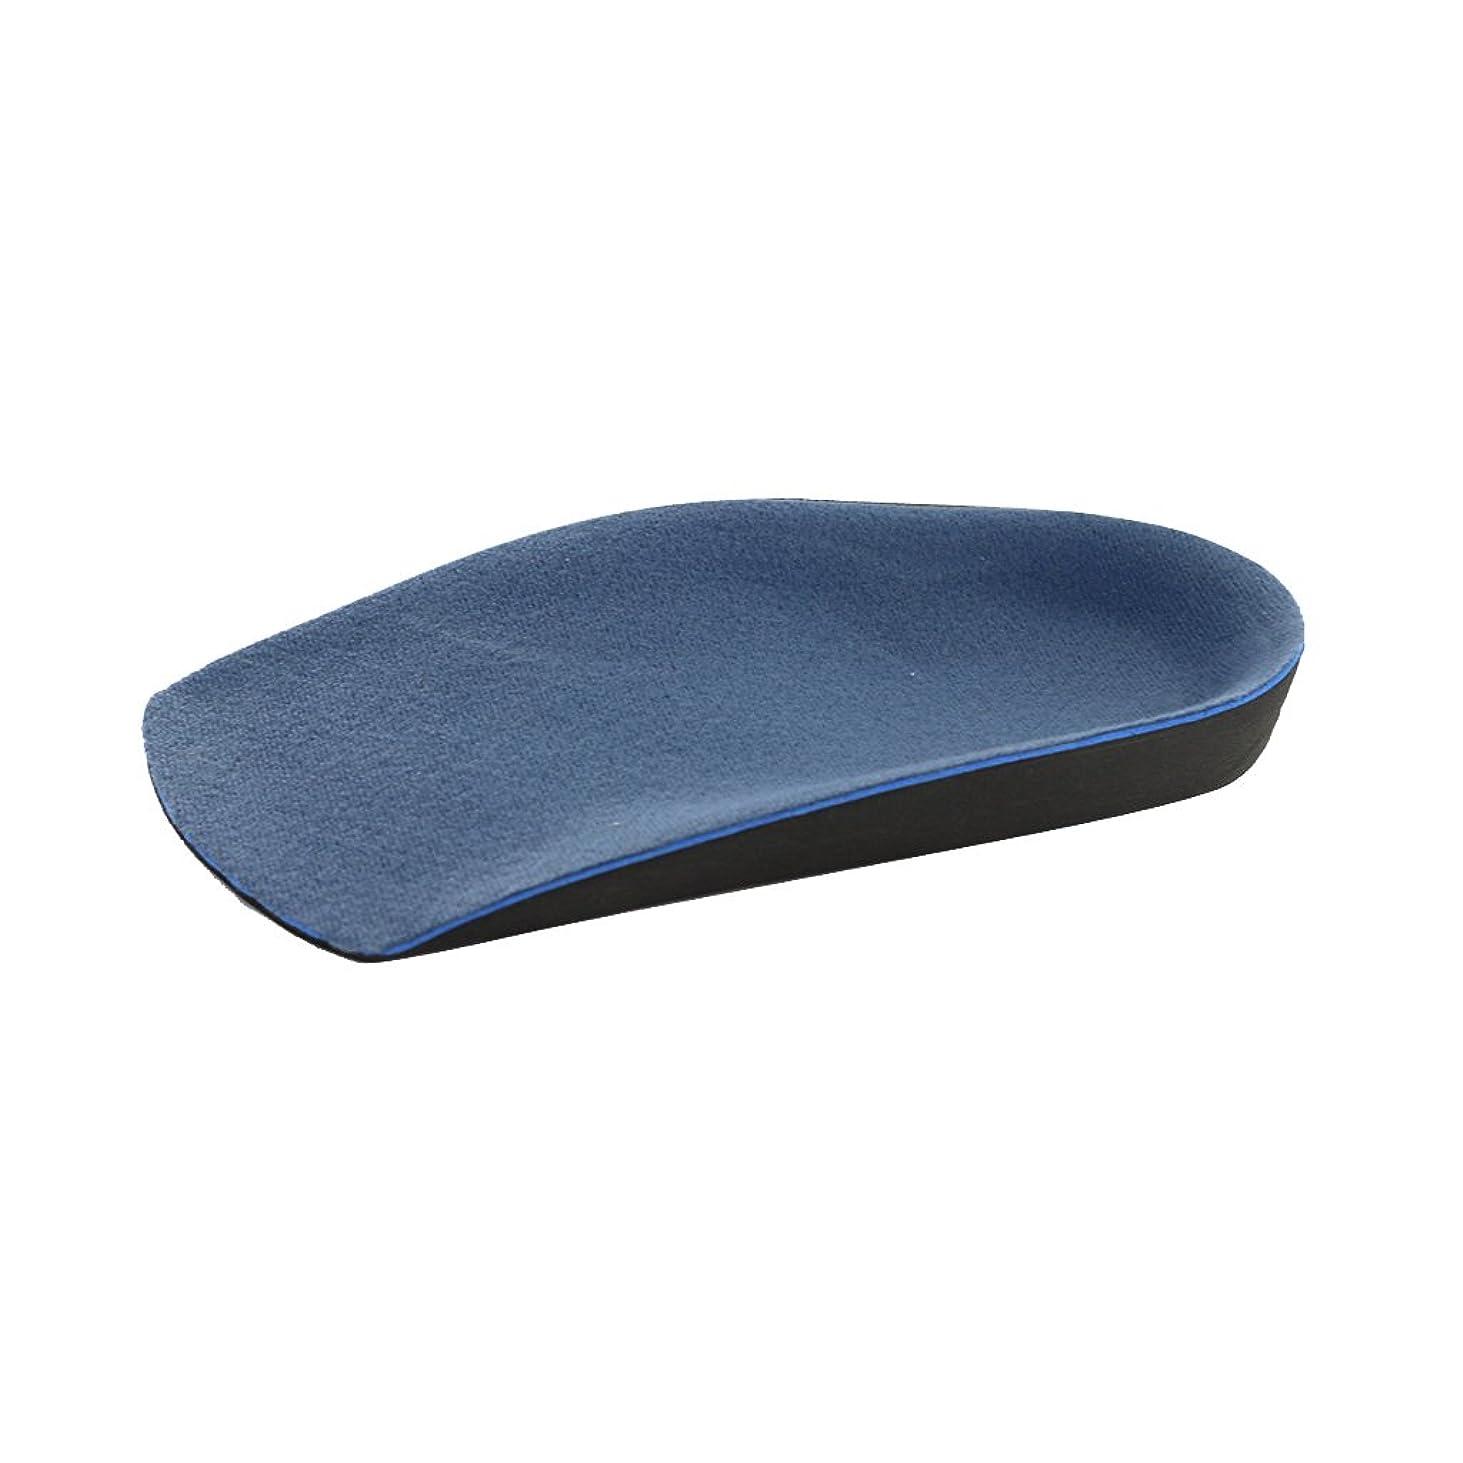 生産的キャプションめ言葉【ノーブランド品】男性 補正靴のインソール O脚/ X脚矯正補正 青